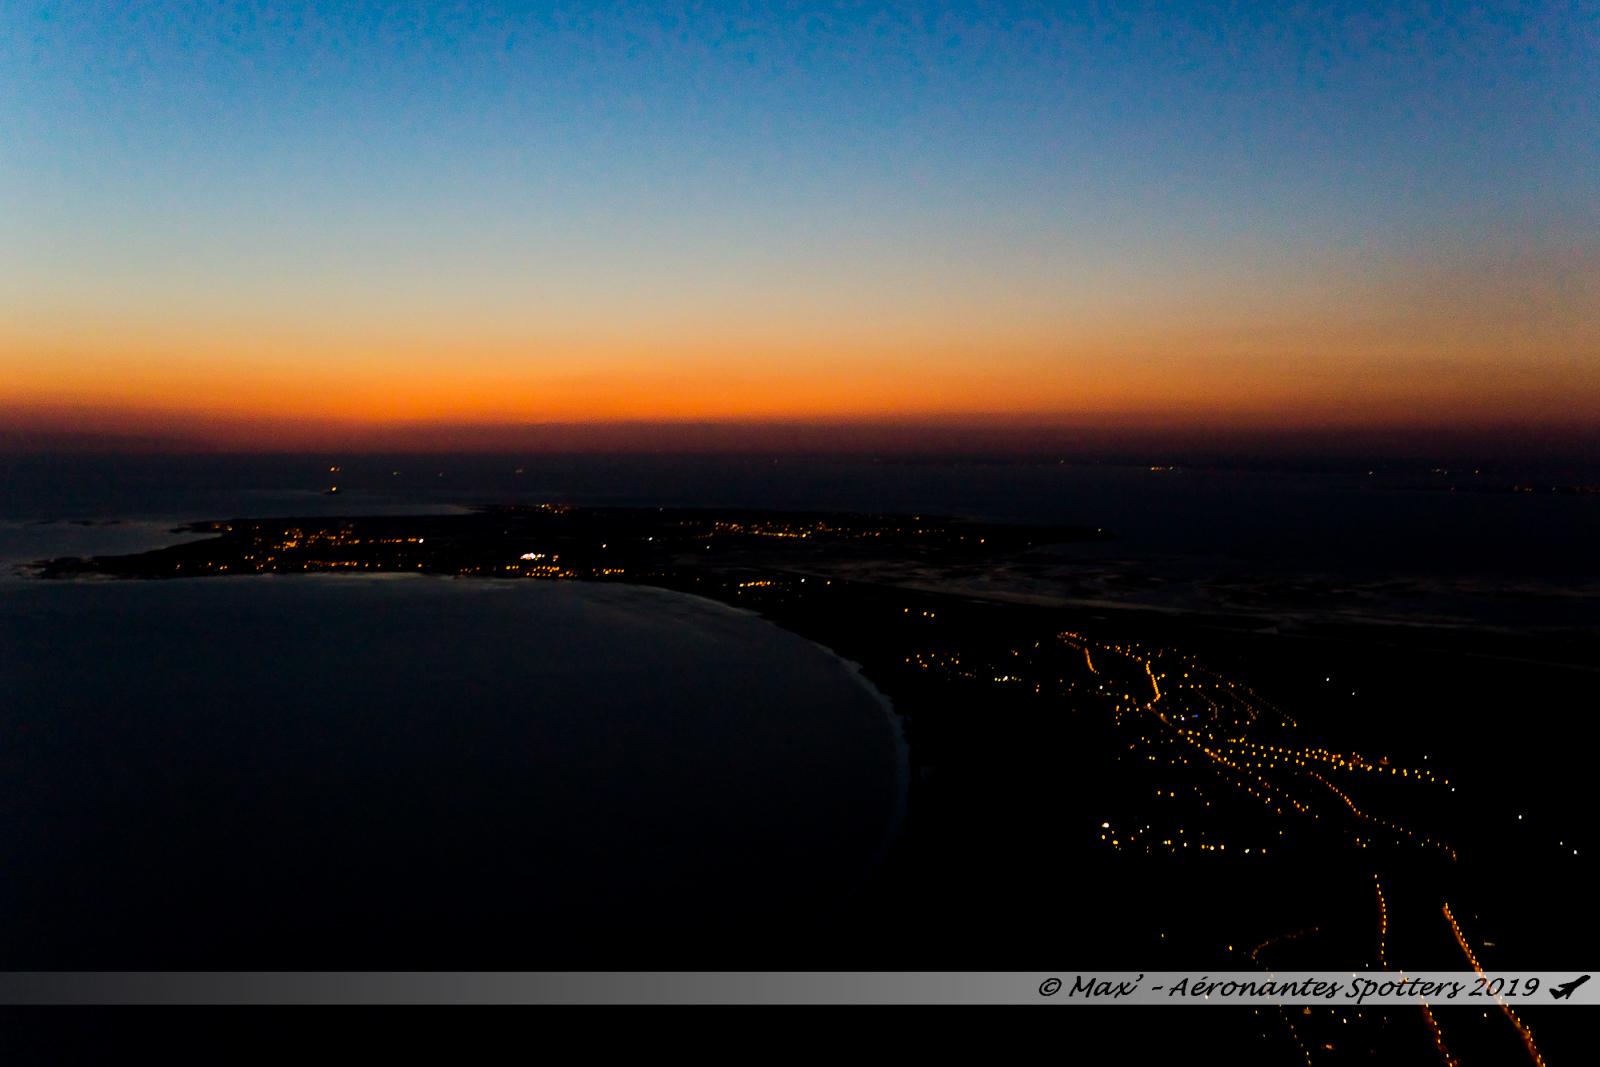 Ile de Noirmoutier à quelques minutes du début des feux d'artifices